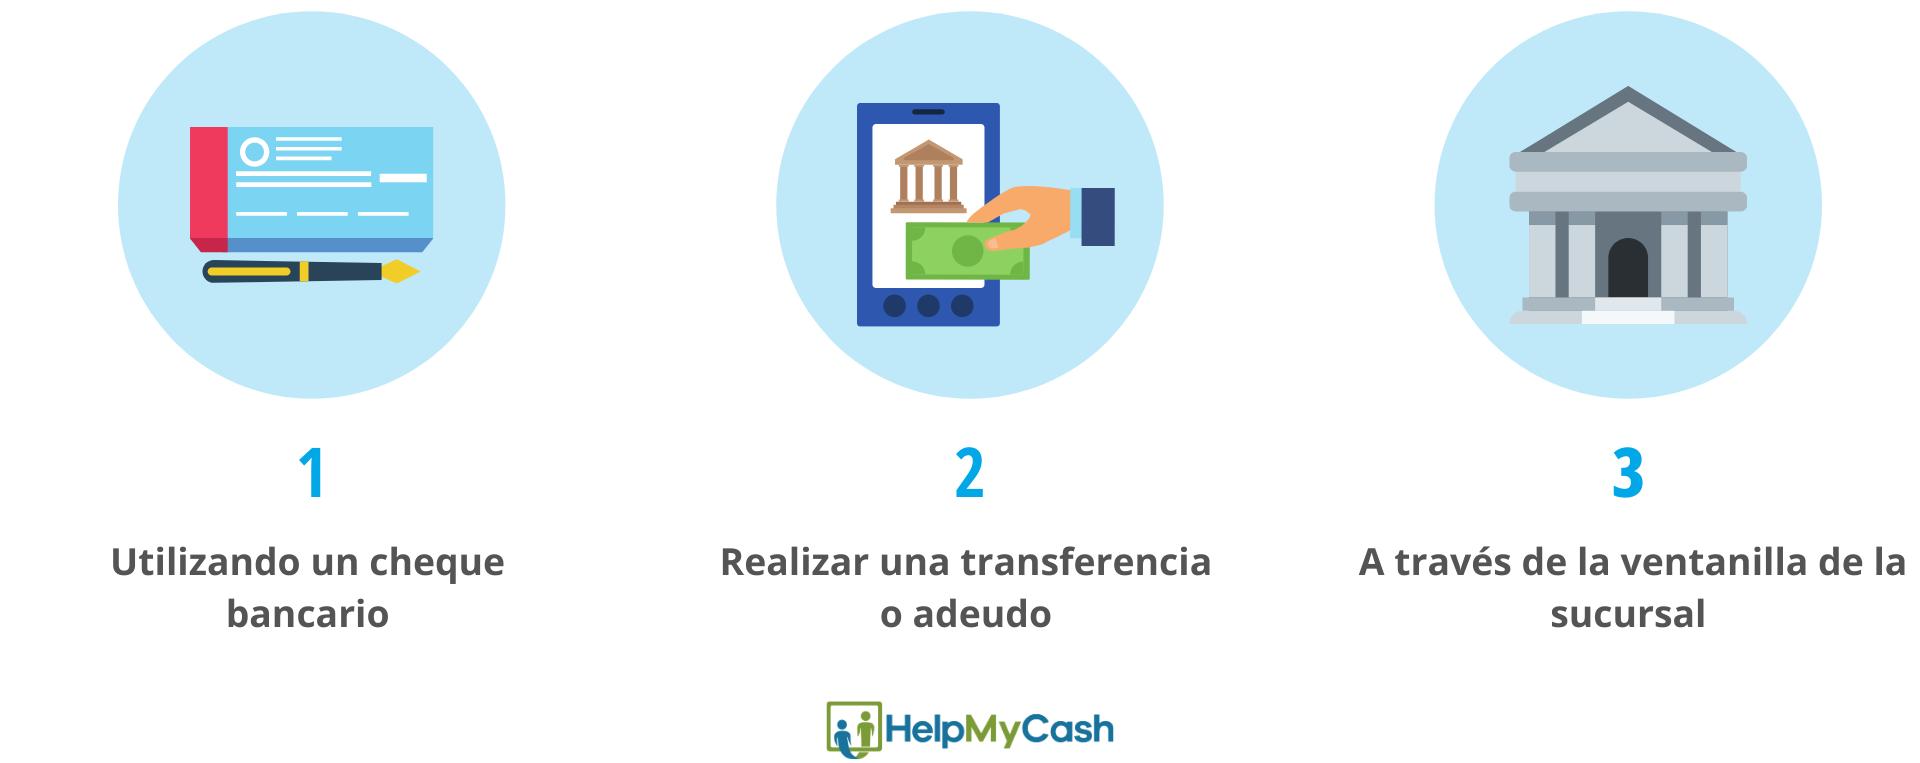 Cómo ingresar dinero en una cuenta corriente: 1- utilizando un cheque bancario. 2- realizando una transferencia o adeudo bancario. 3- en la ventanilla de la sucursal del banco